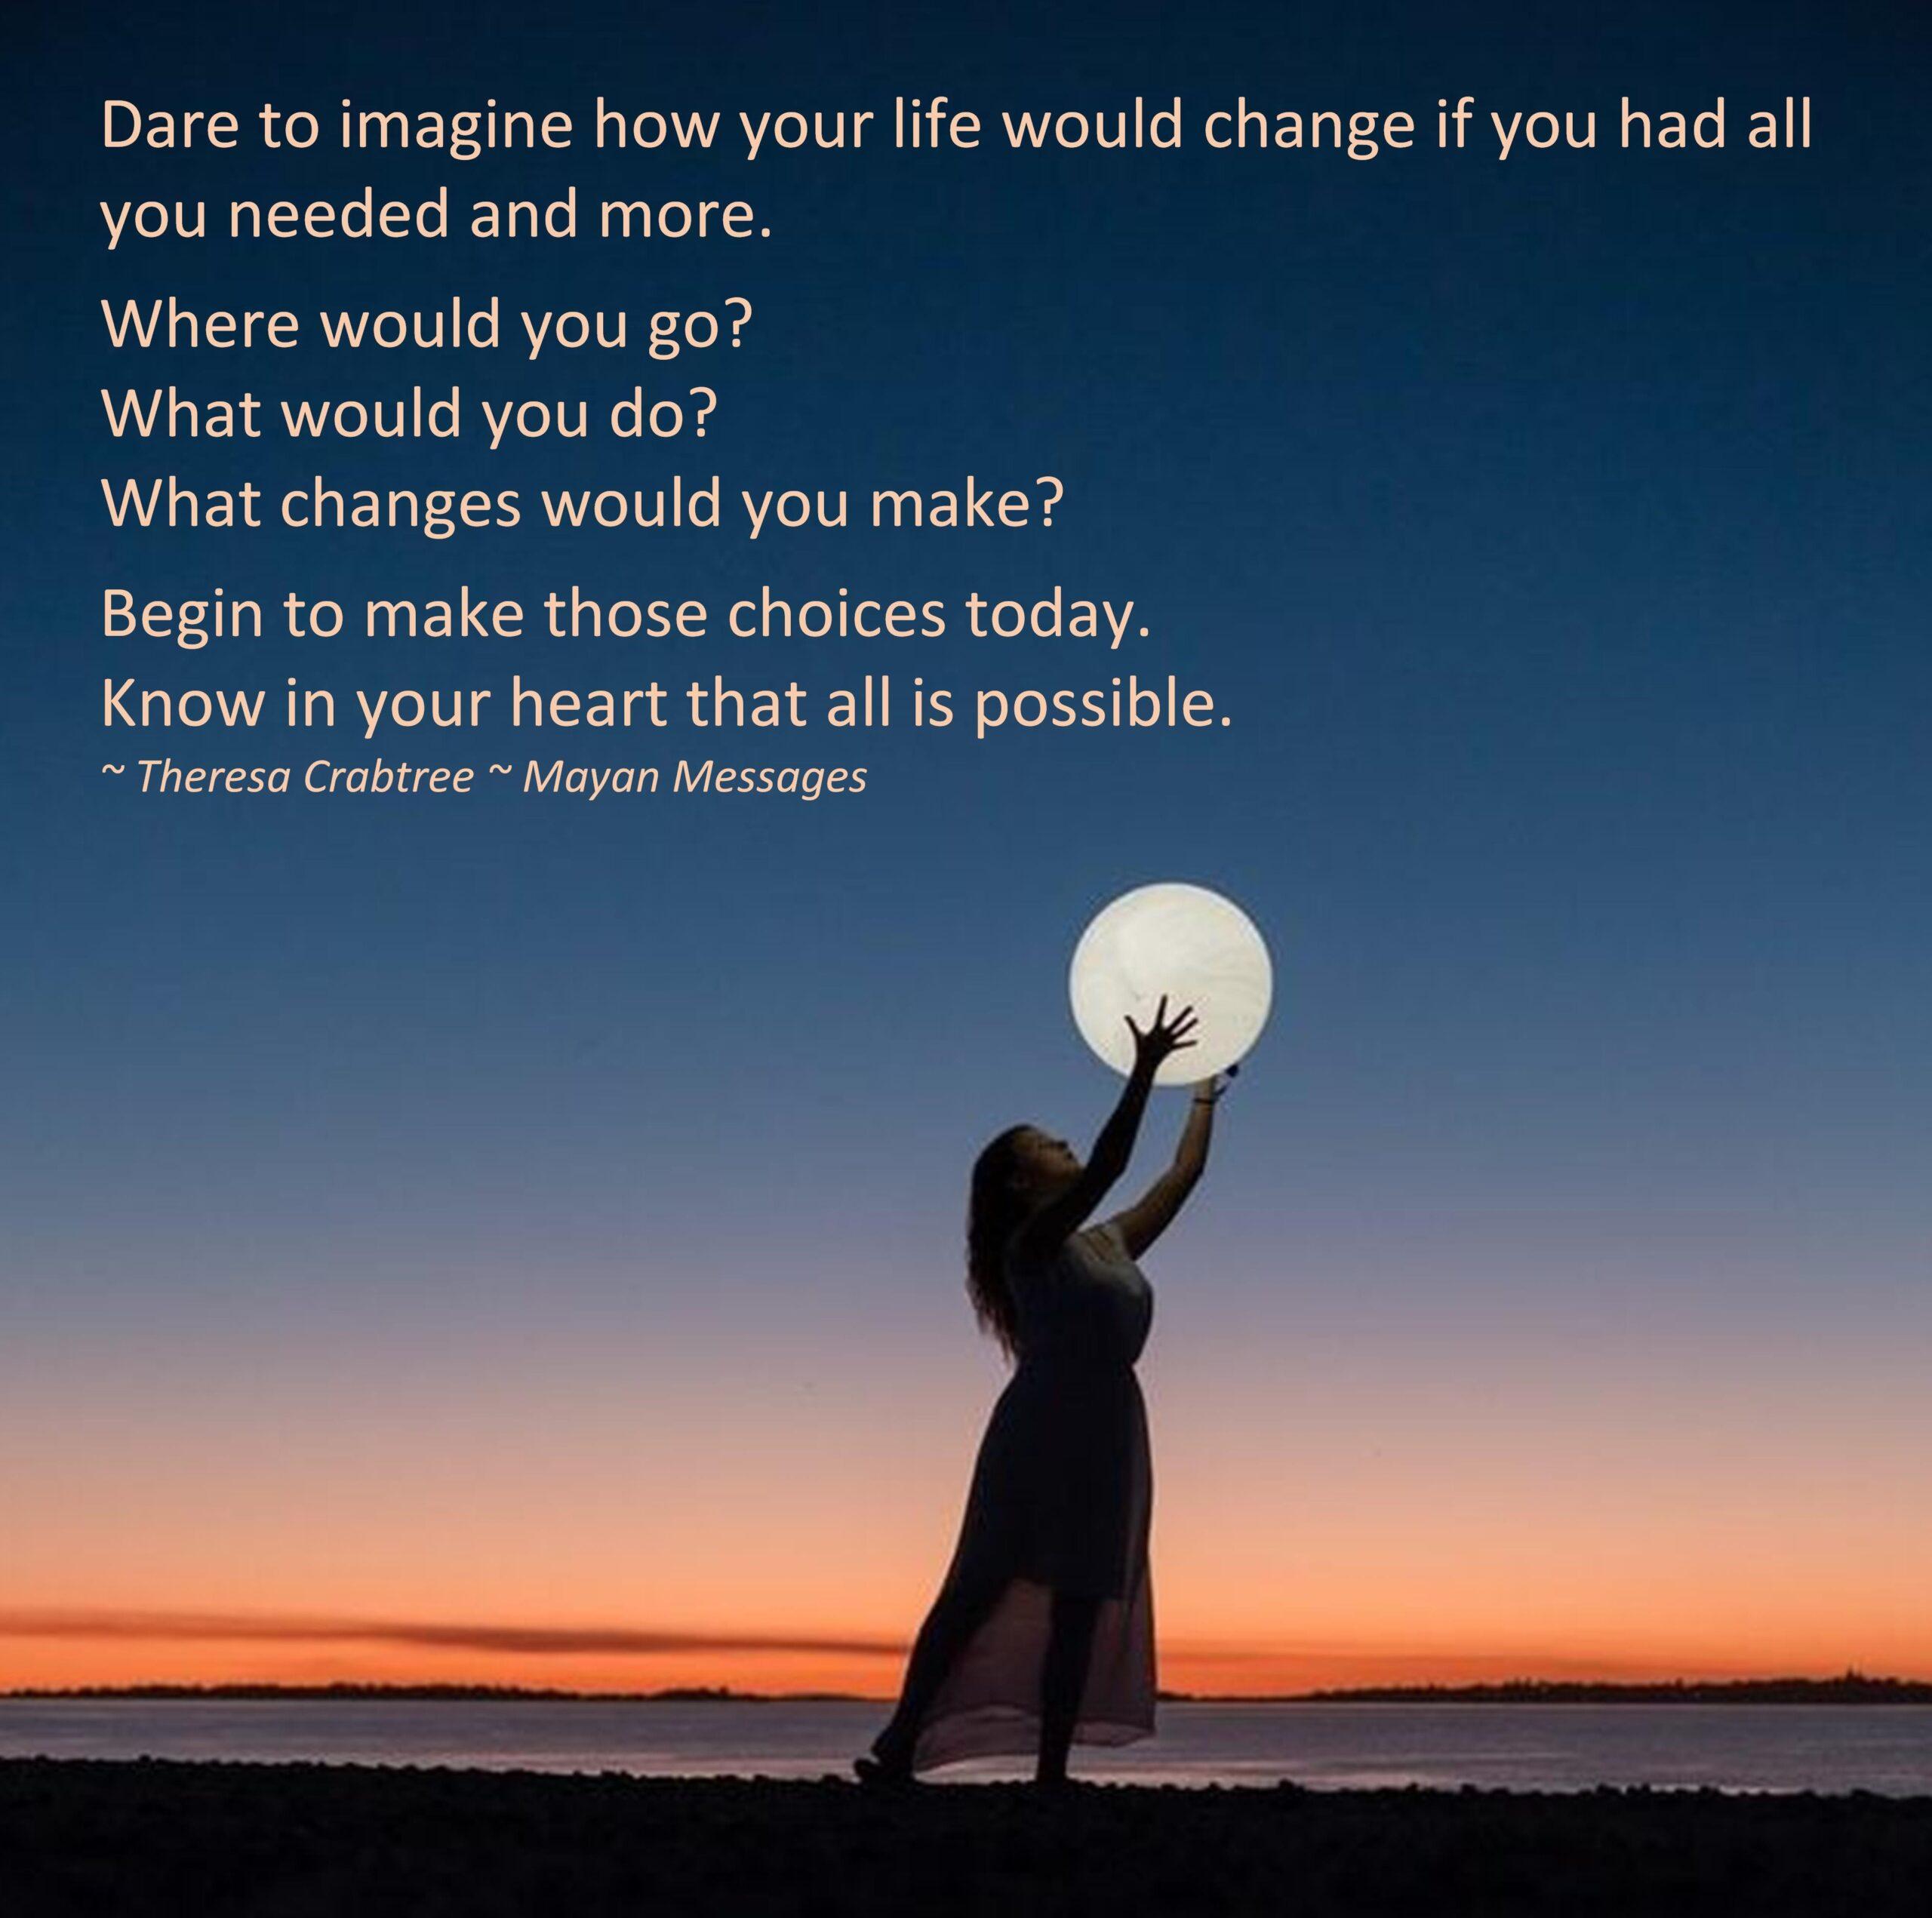 Dare to Imagine